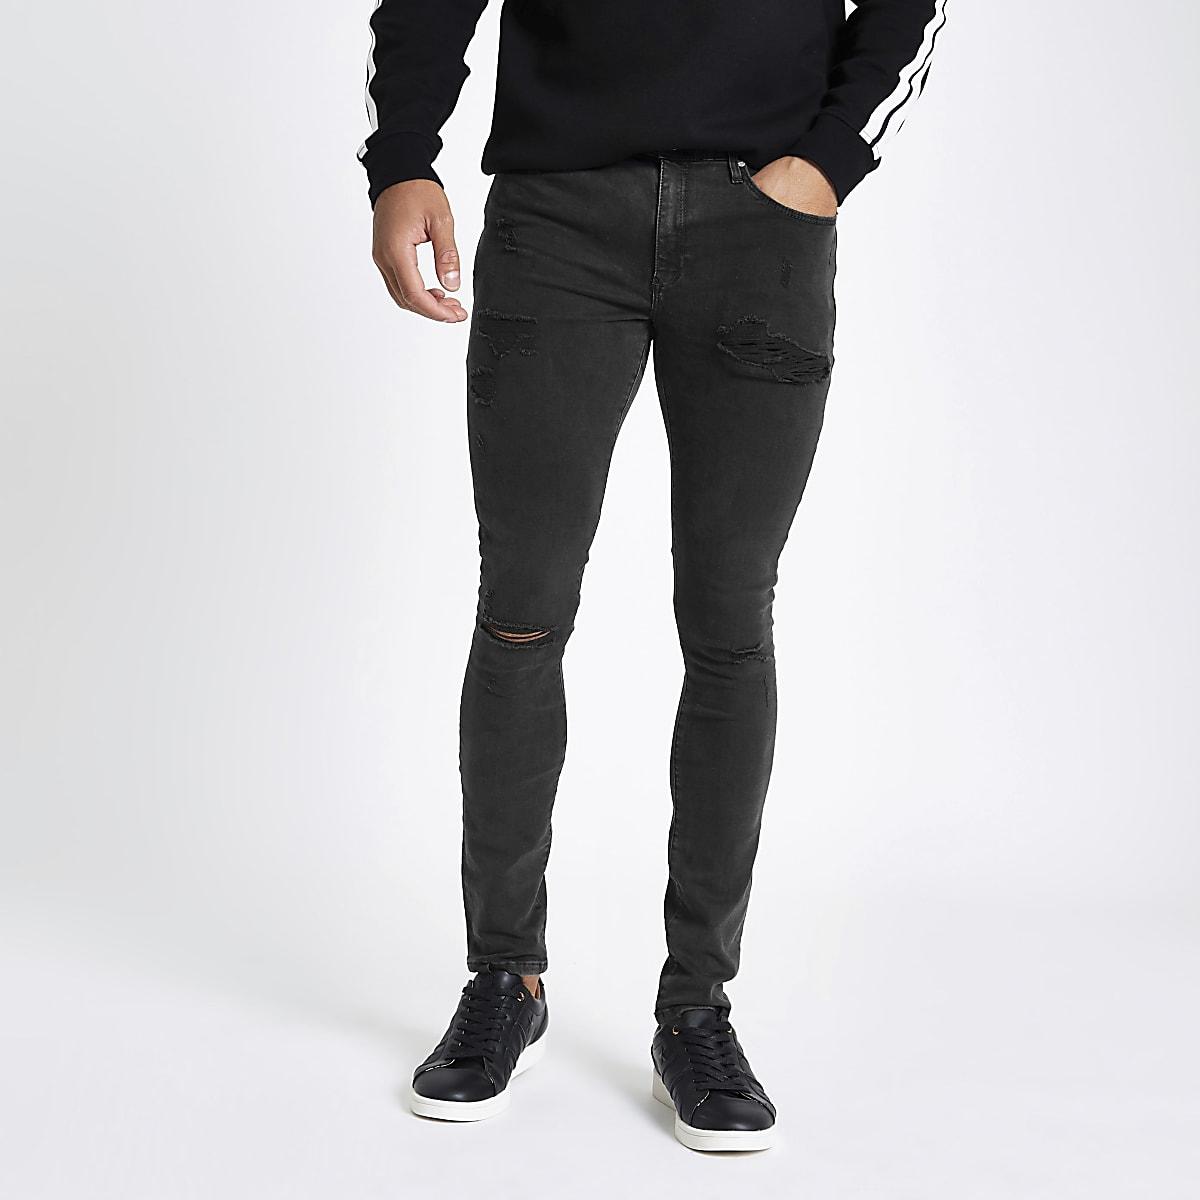 Ollie - Zwarte spray-on ripped jeans